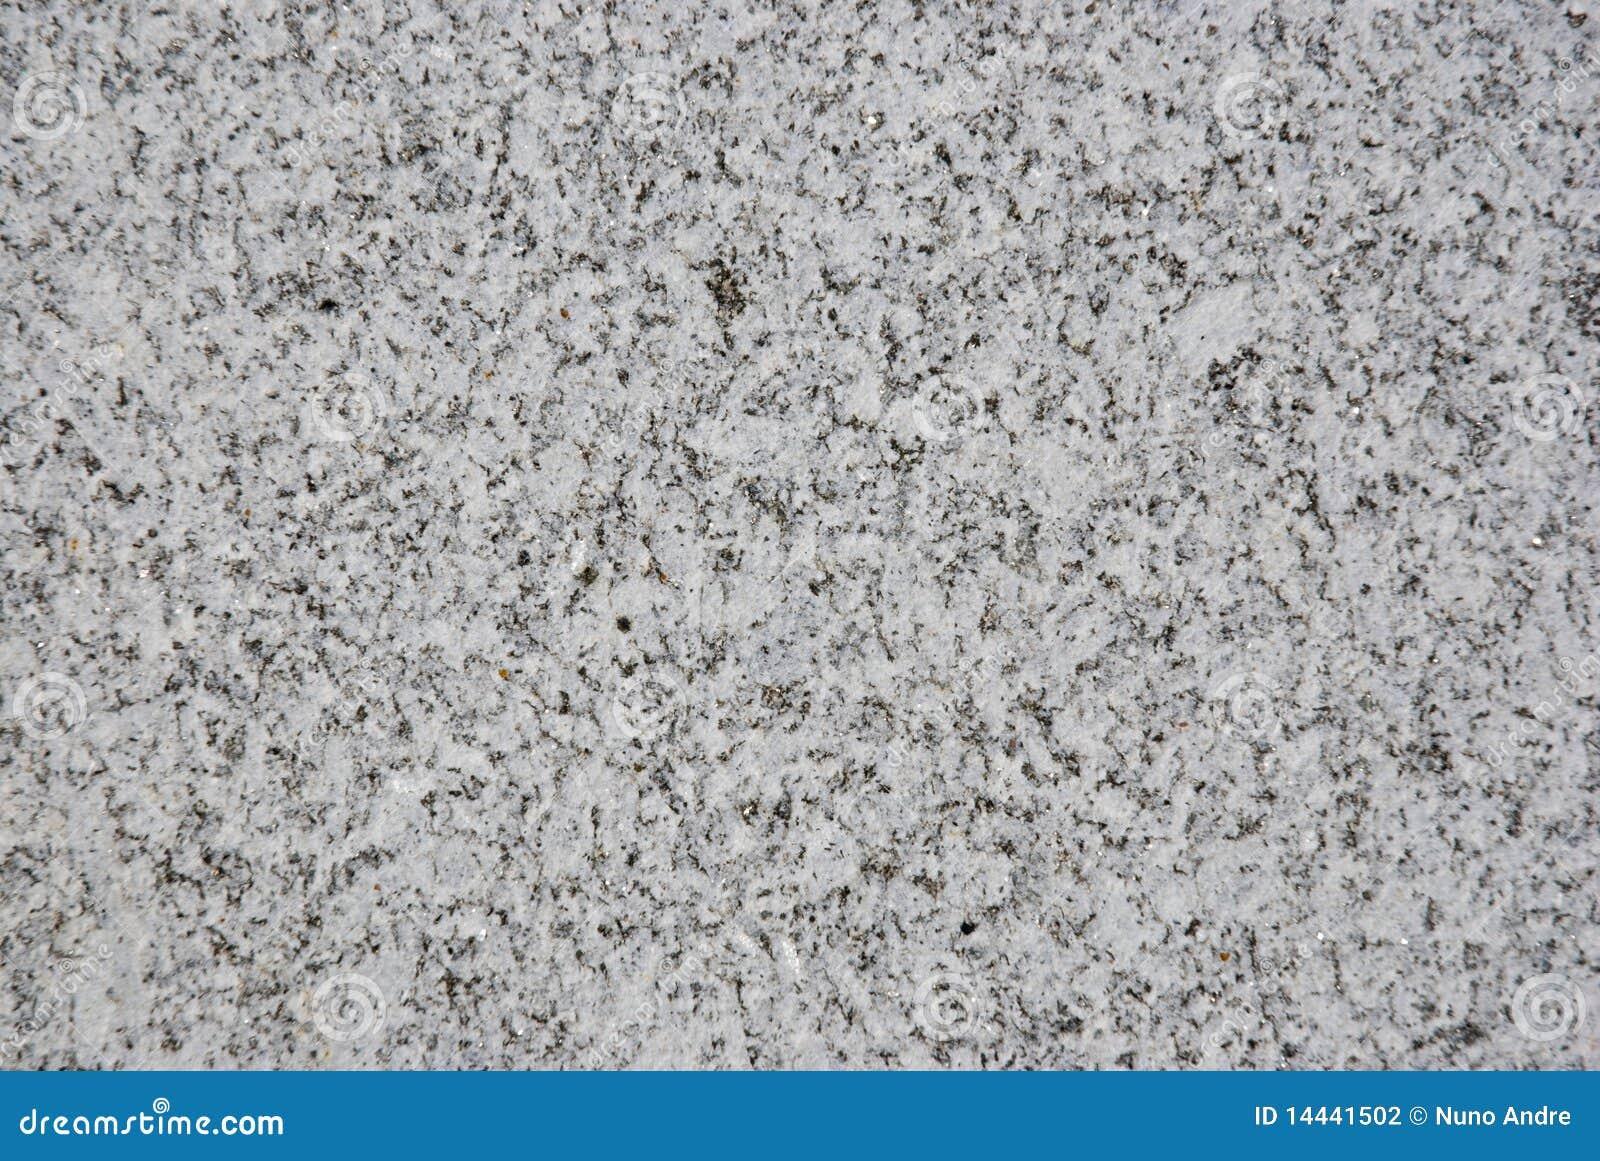 Granito pulido fotograf a de archivo imagen 14441502 for Color gris granito